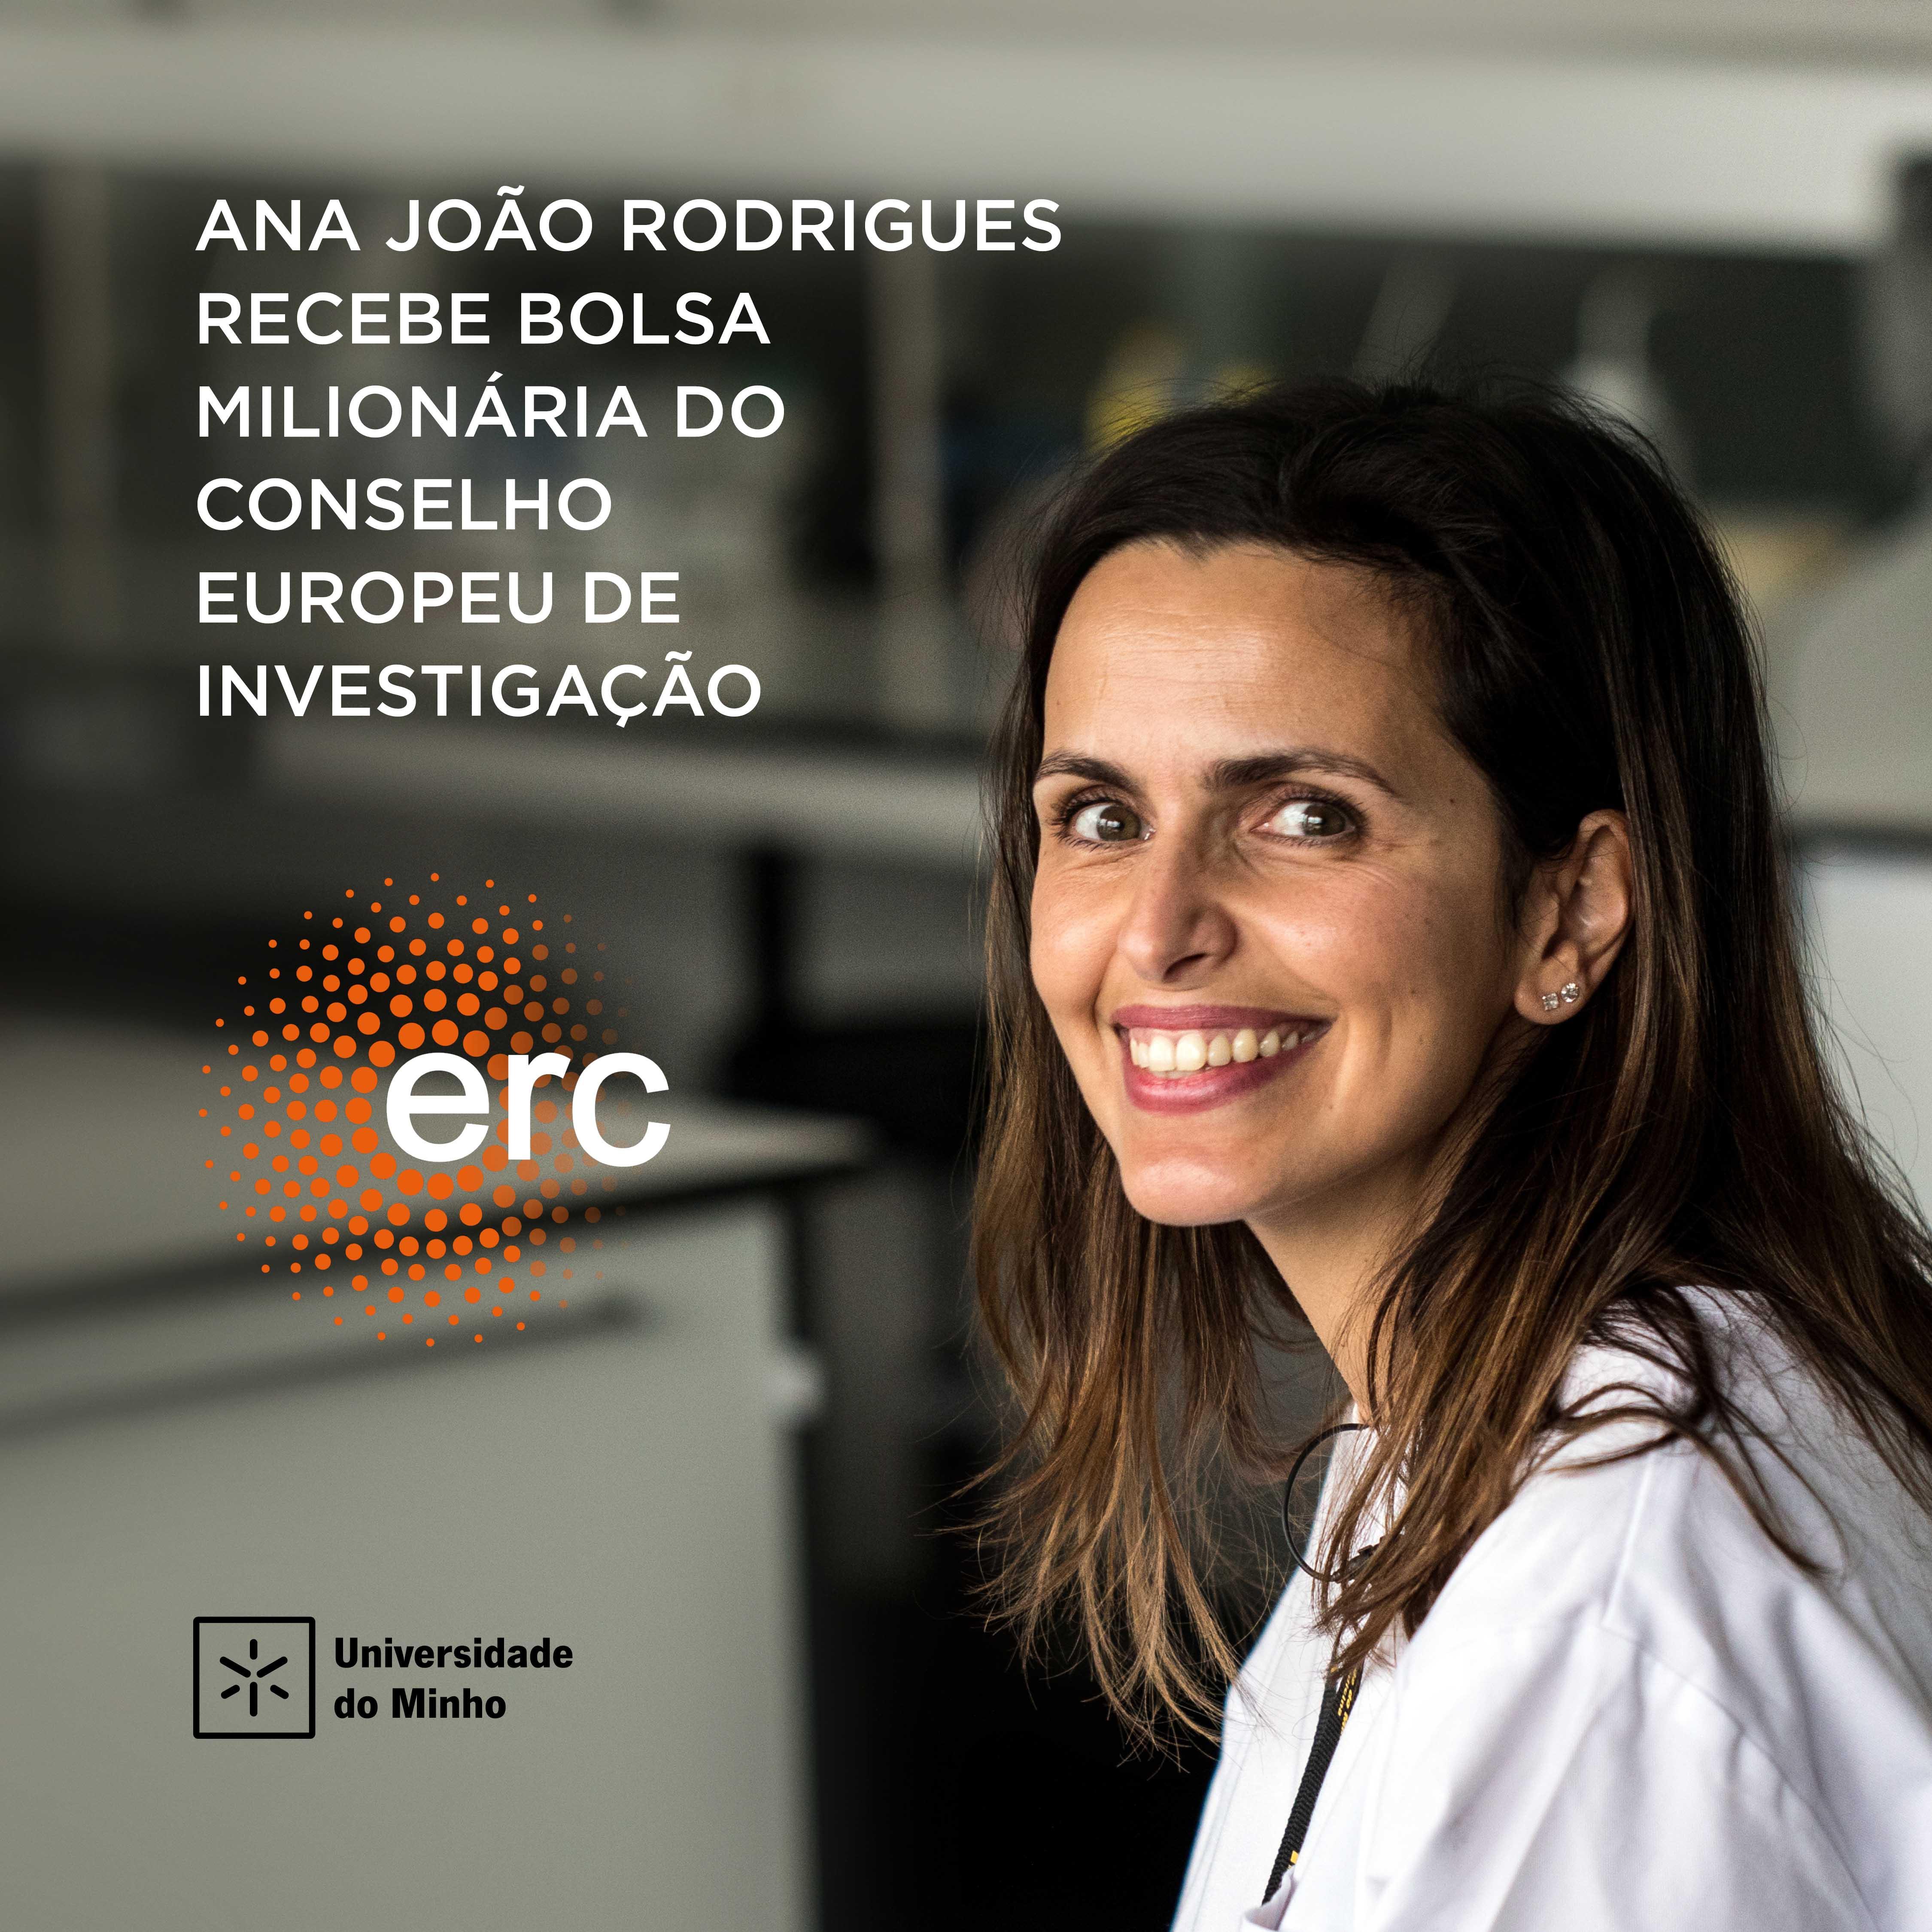 Ana João Rodrigues conquistou a bolsa da ERC